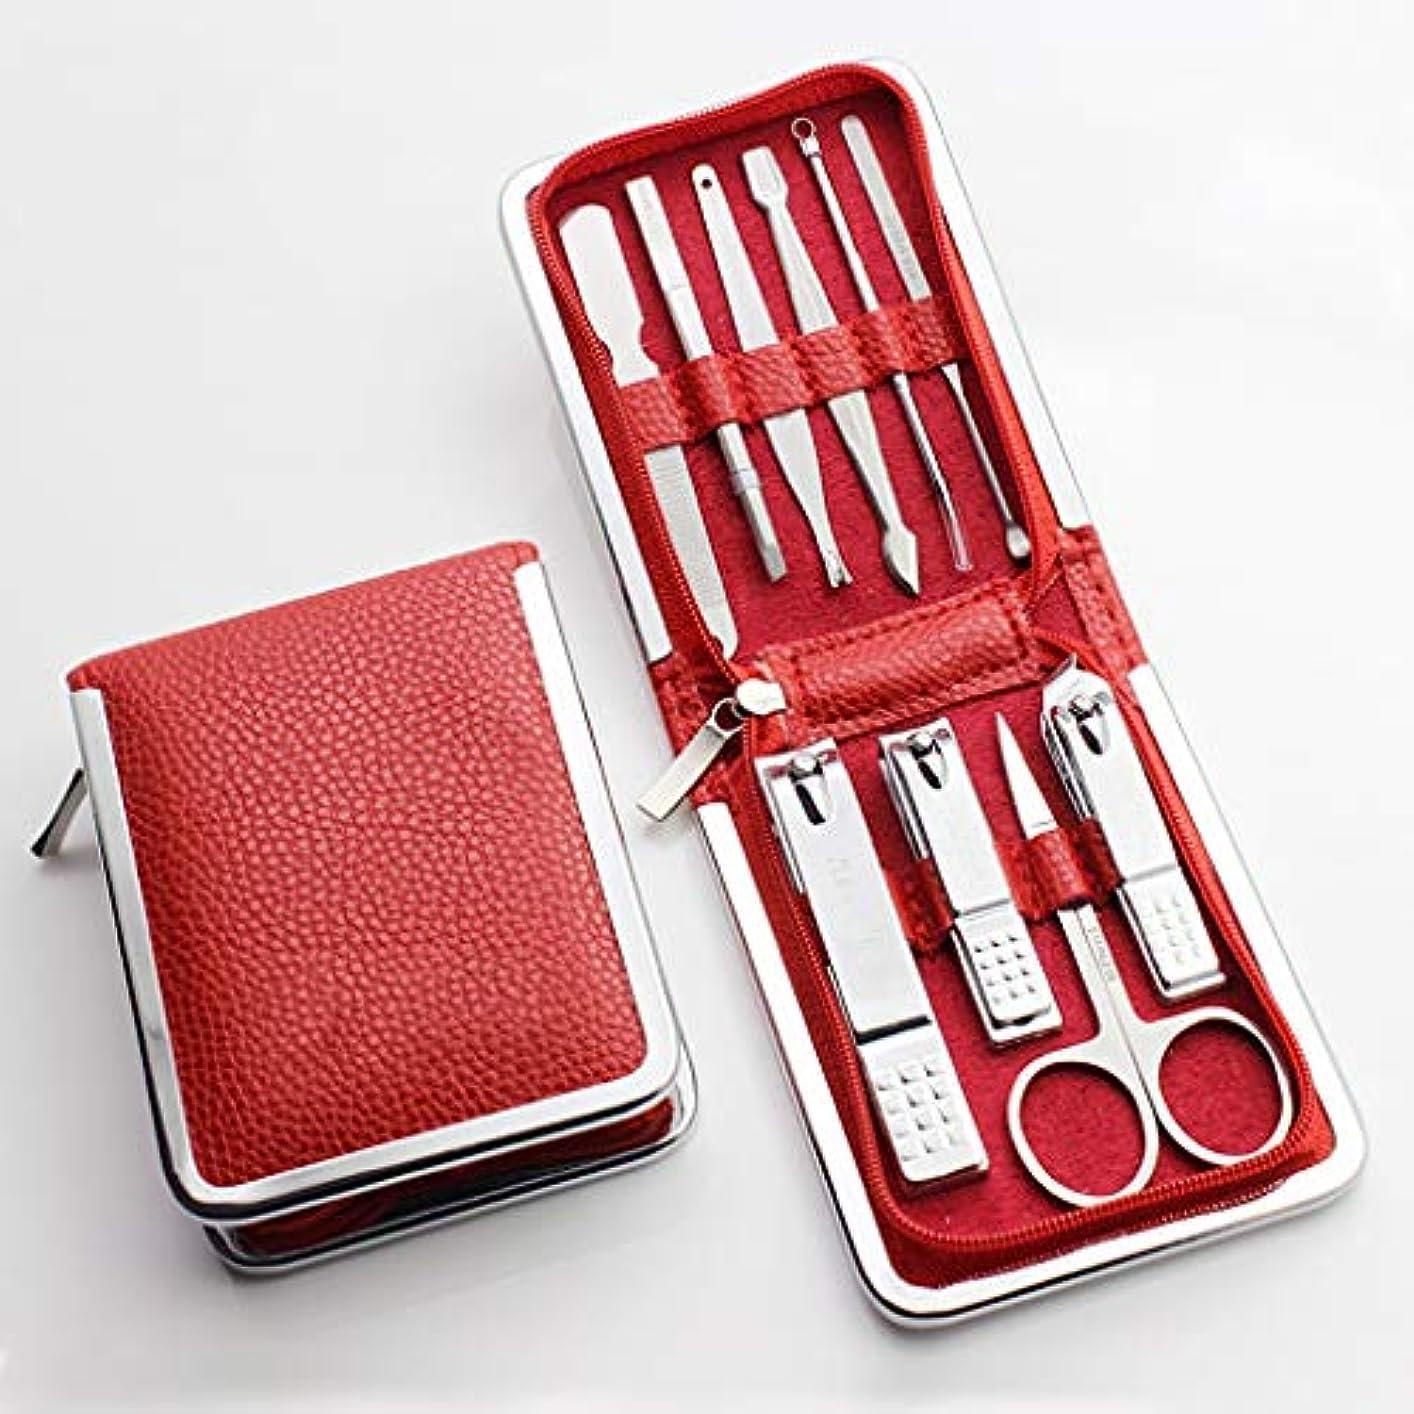 印象的なたらい公平マニキュアセット(10点セット)、プロのパーソナルケア、高級スーツケース付きマニキュアツール、家庭用、旅行、デイリーケアに最適,Red